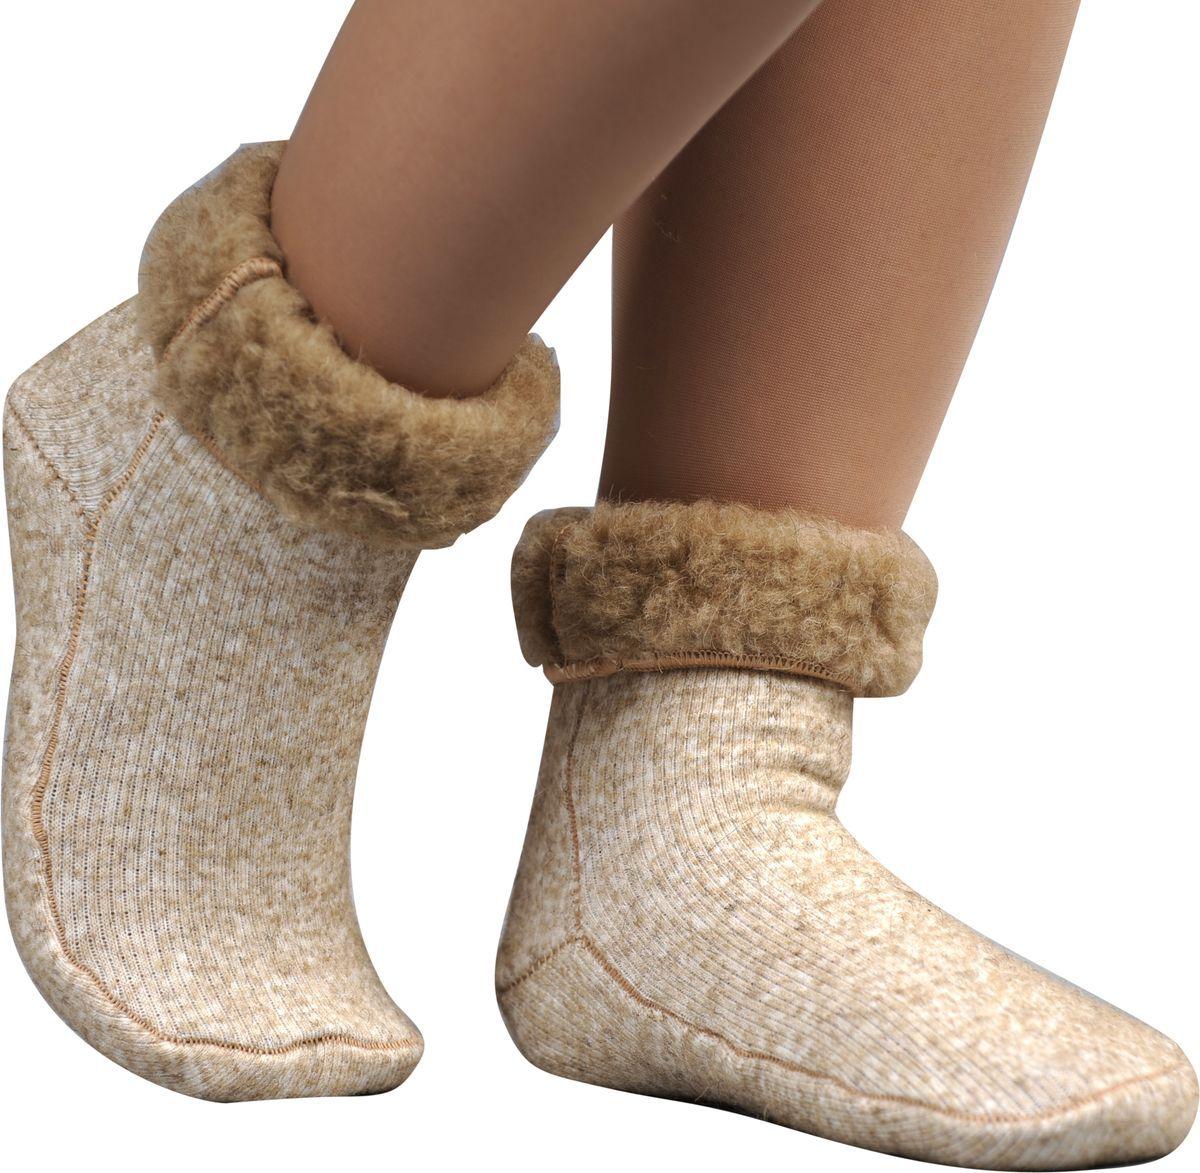 Носки040901-0400.18Компрессионные носки Holty изготовлены из натуральной овечьей шерсти. Мягкие согревающие носки имеют эластичную резинку, которая надежно фиксирует их на ноге.